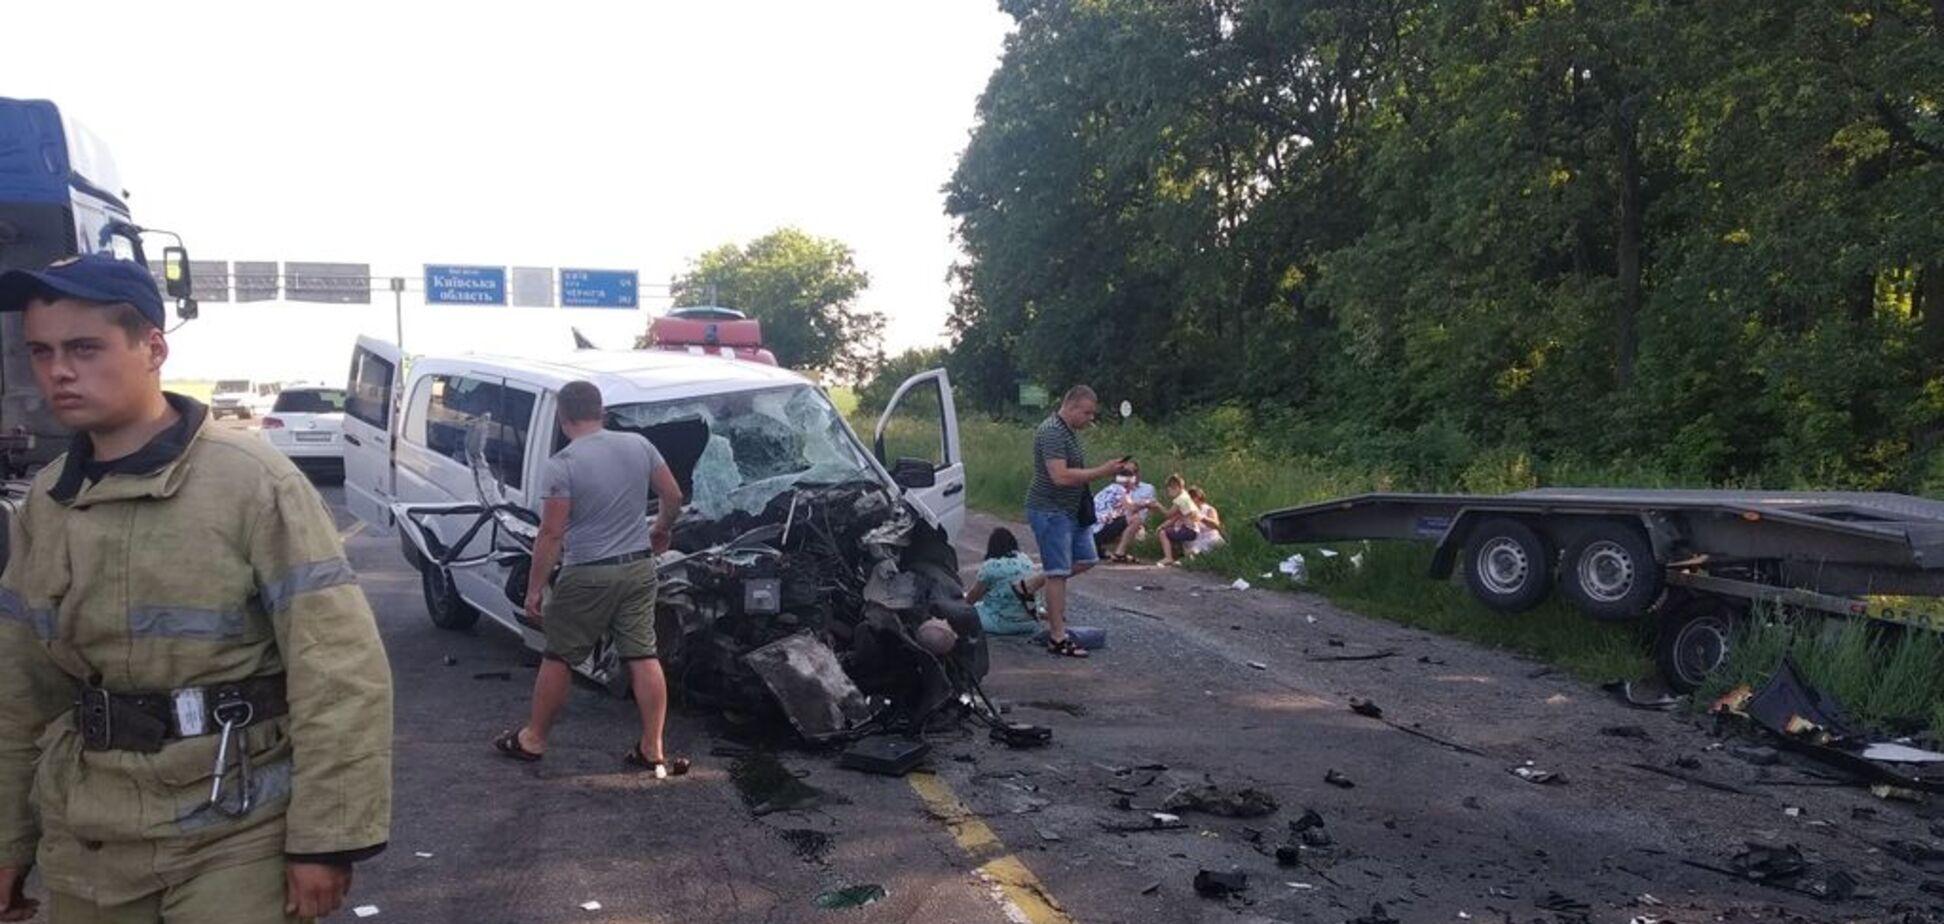 На Киевщине произошло ДТП с пассажирским автобусом: пострадали 7 человек